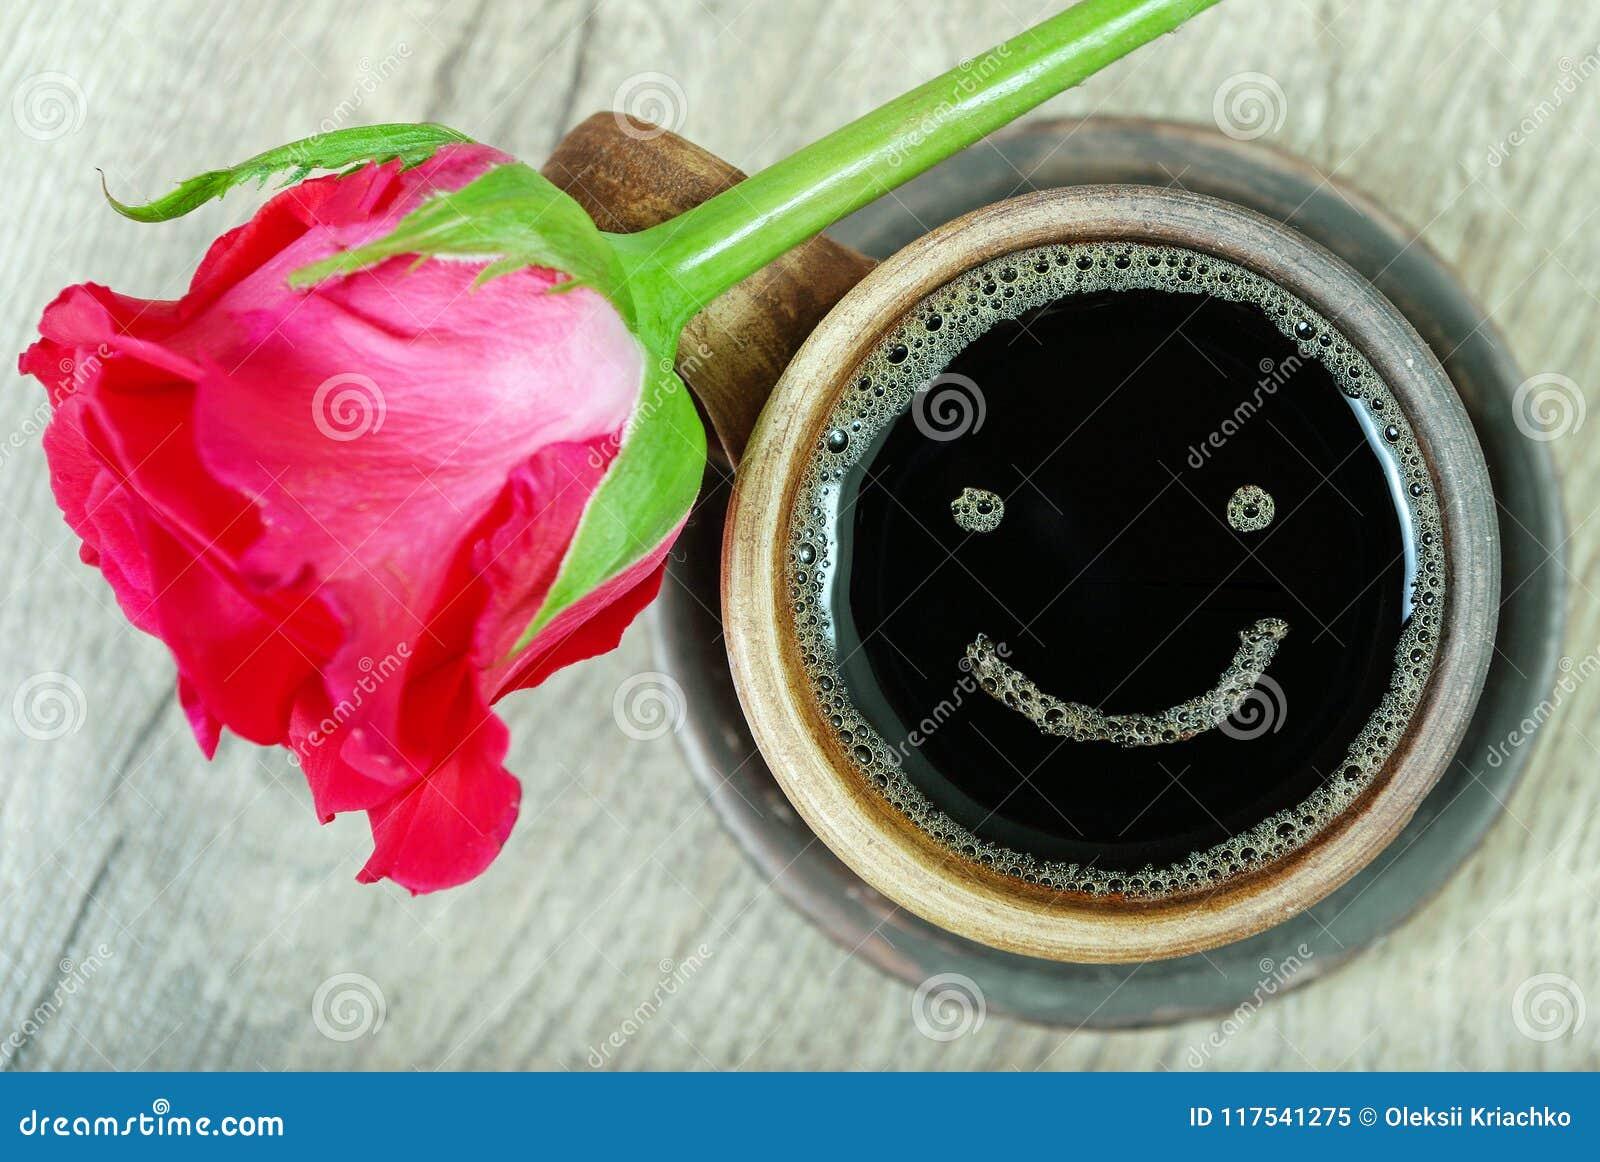 Guten Morgen ein Tasse Kaffee und eine rote Rose auf einem Holztisch Lächeln eines glücklichen Tages